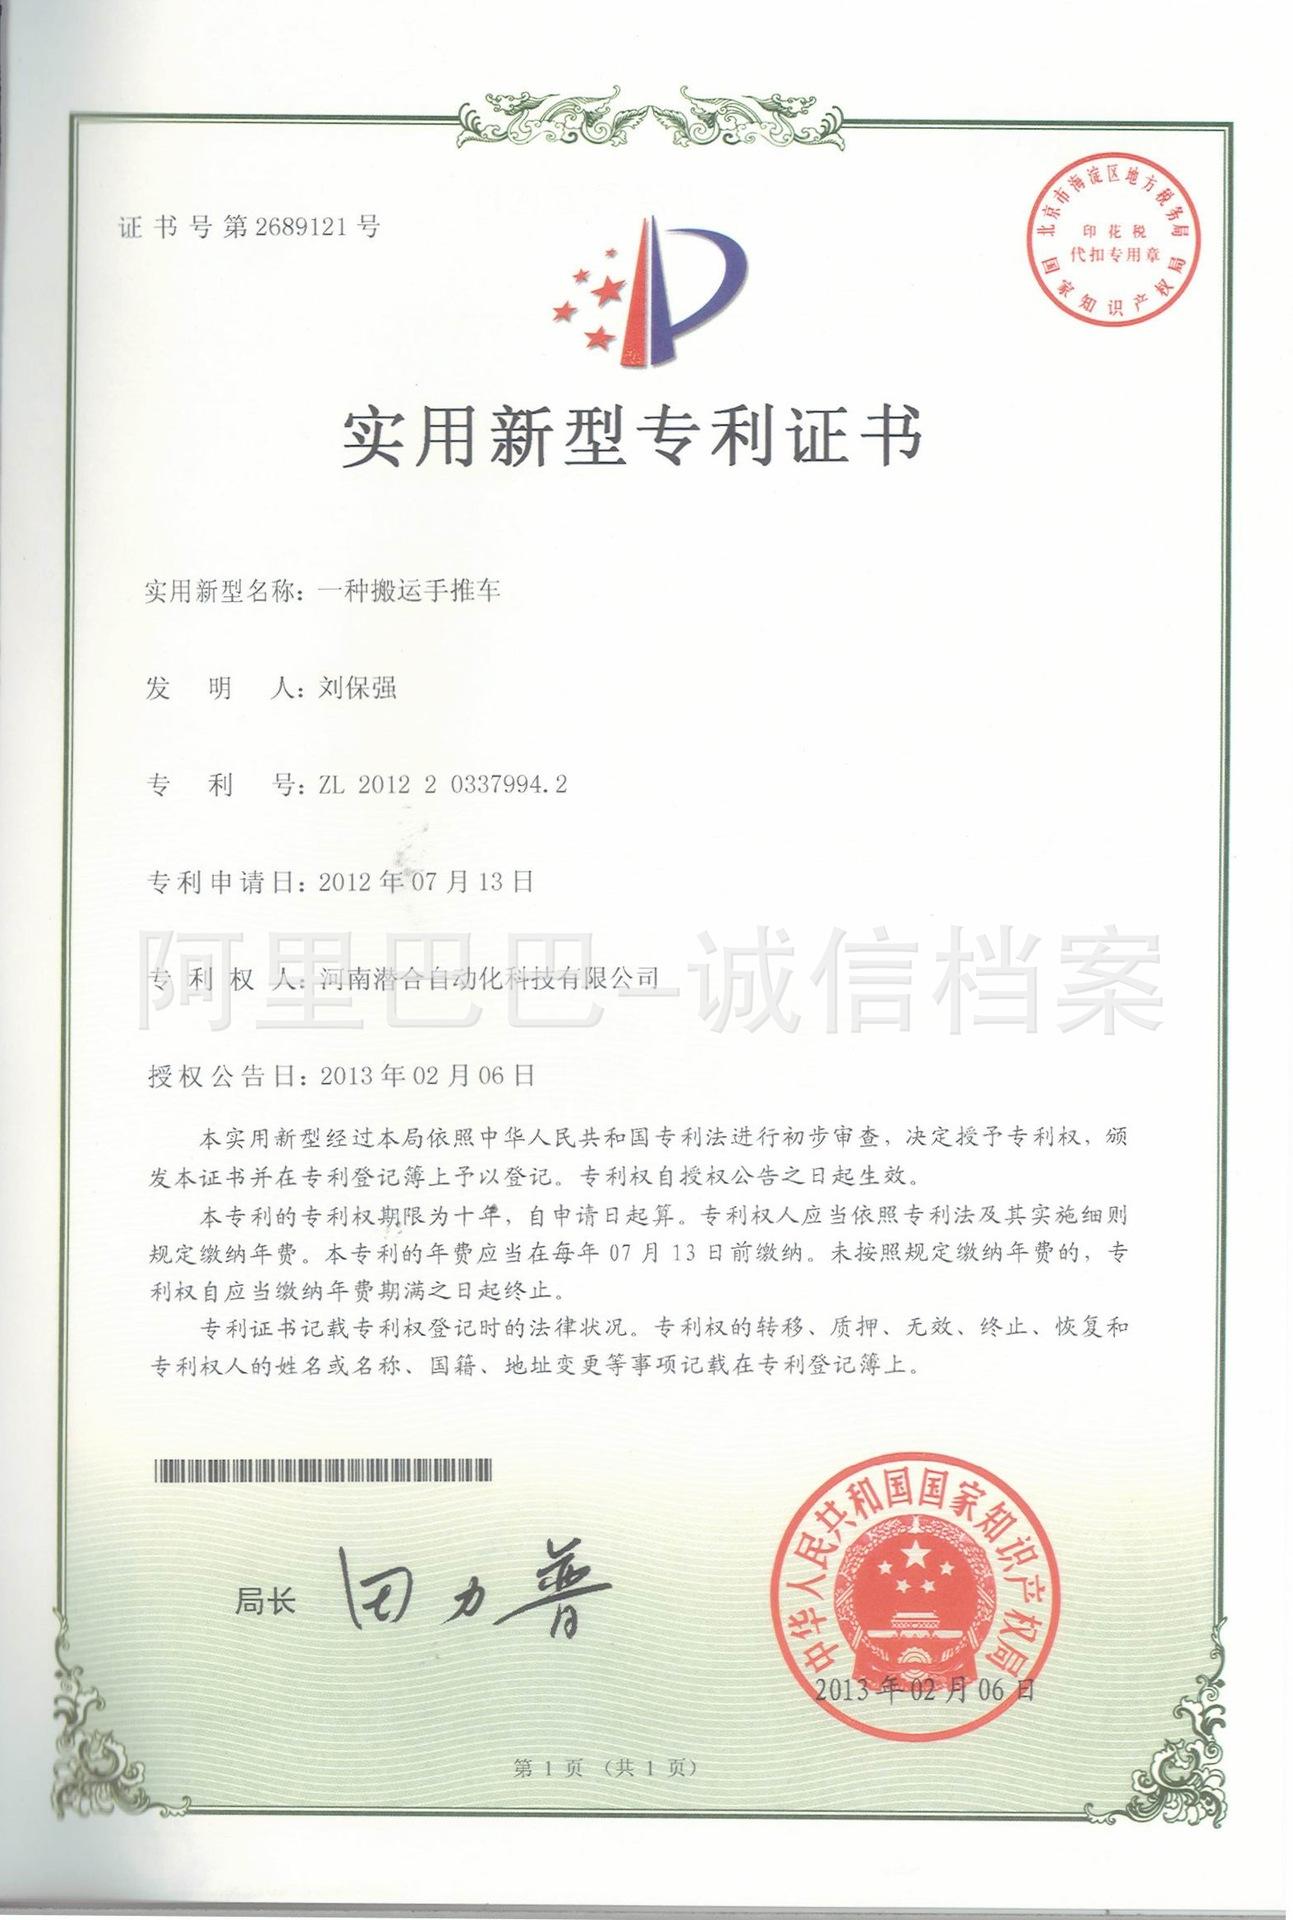 河南潜合专利一种搬运手推车